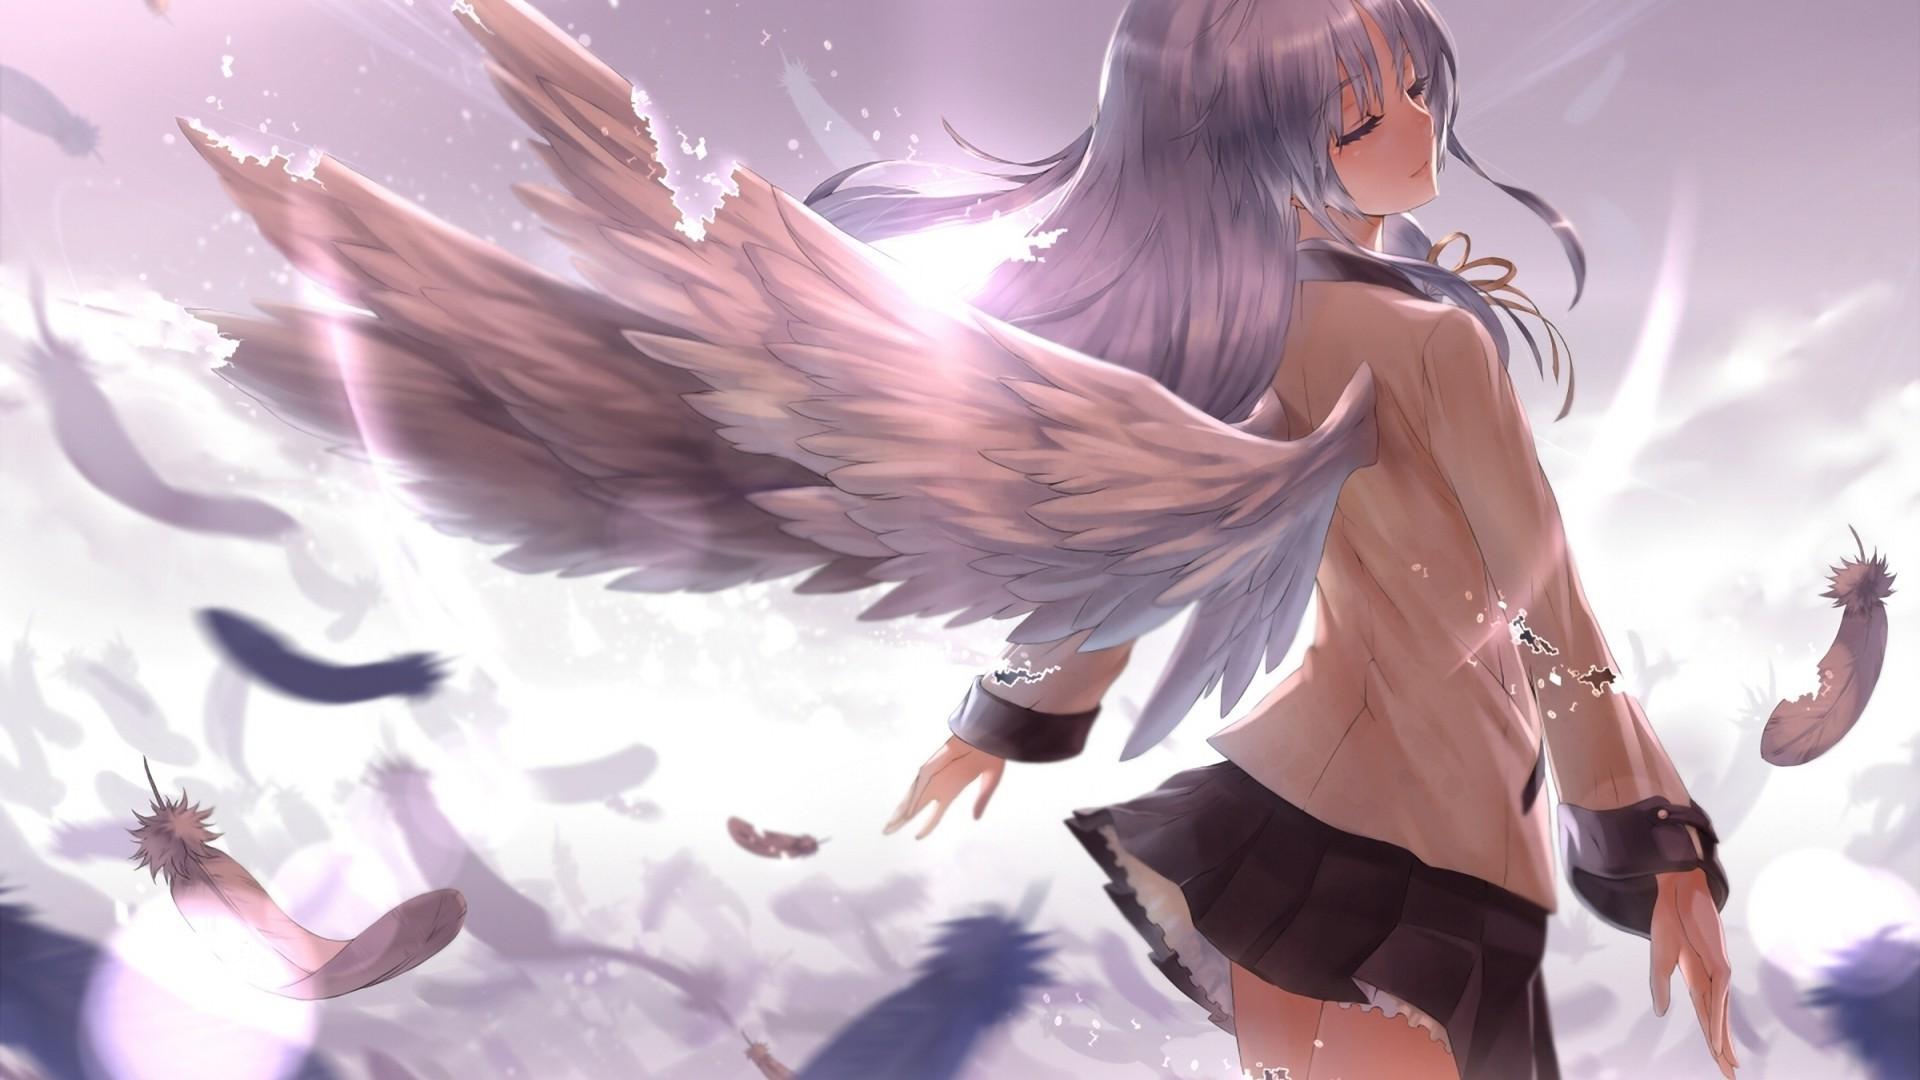 デスクトップ壁紙 アニメの女の子 翼 天使 エンジェルビーツ